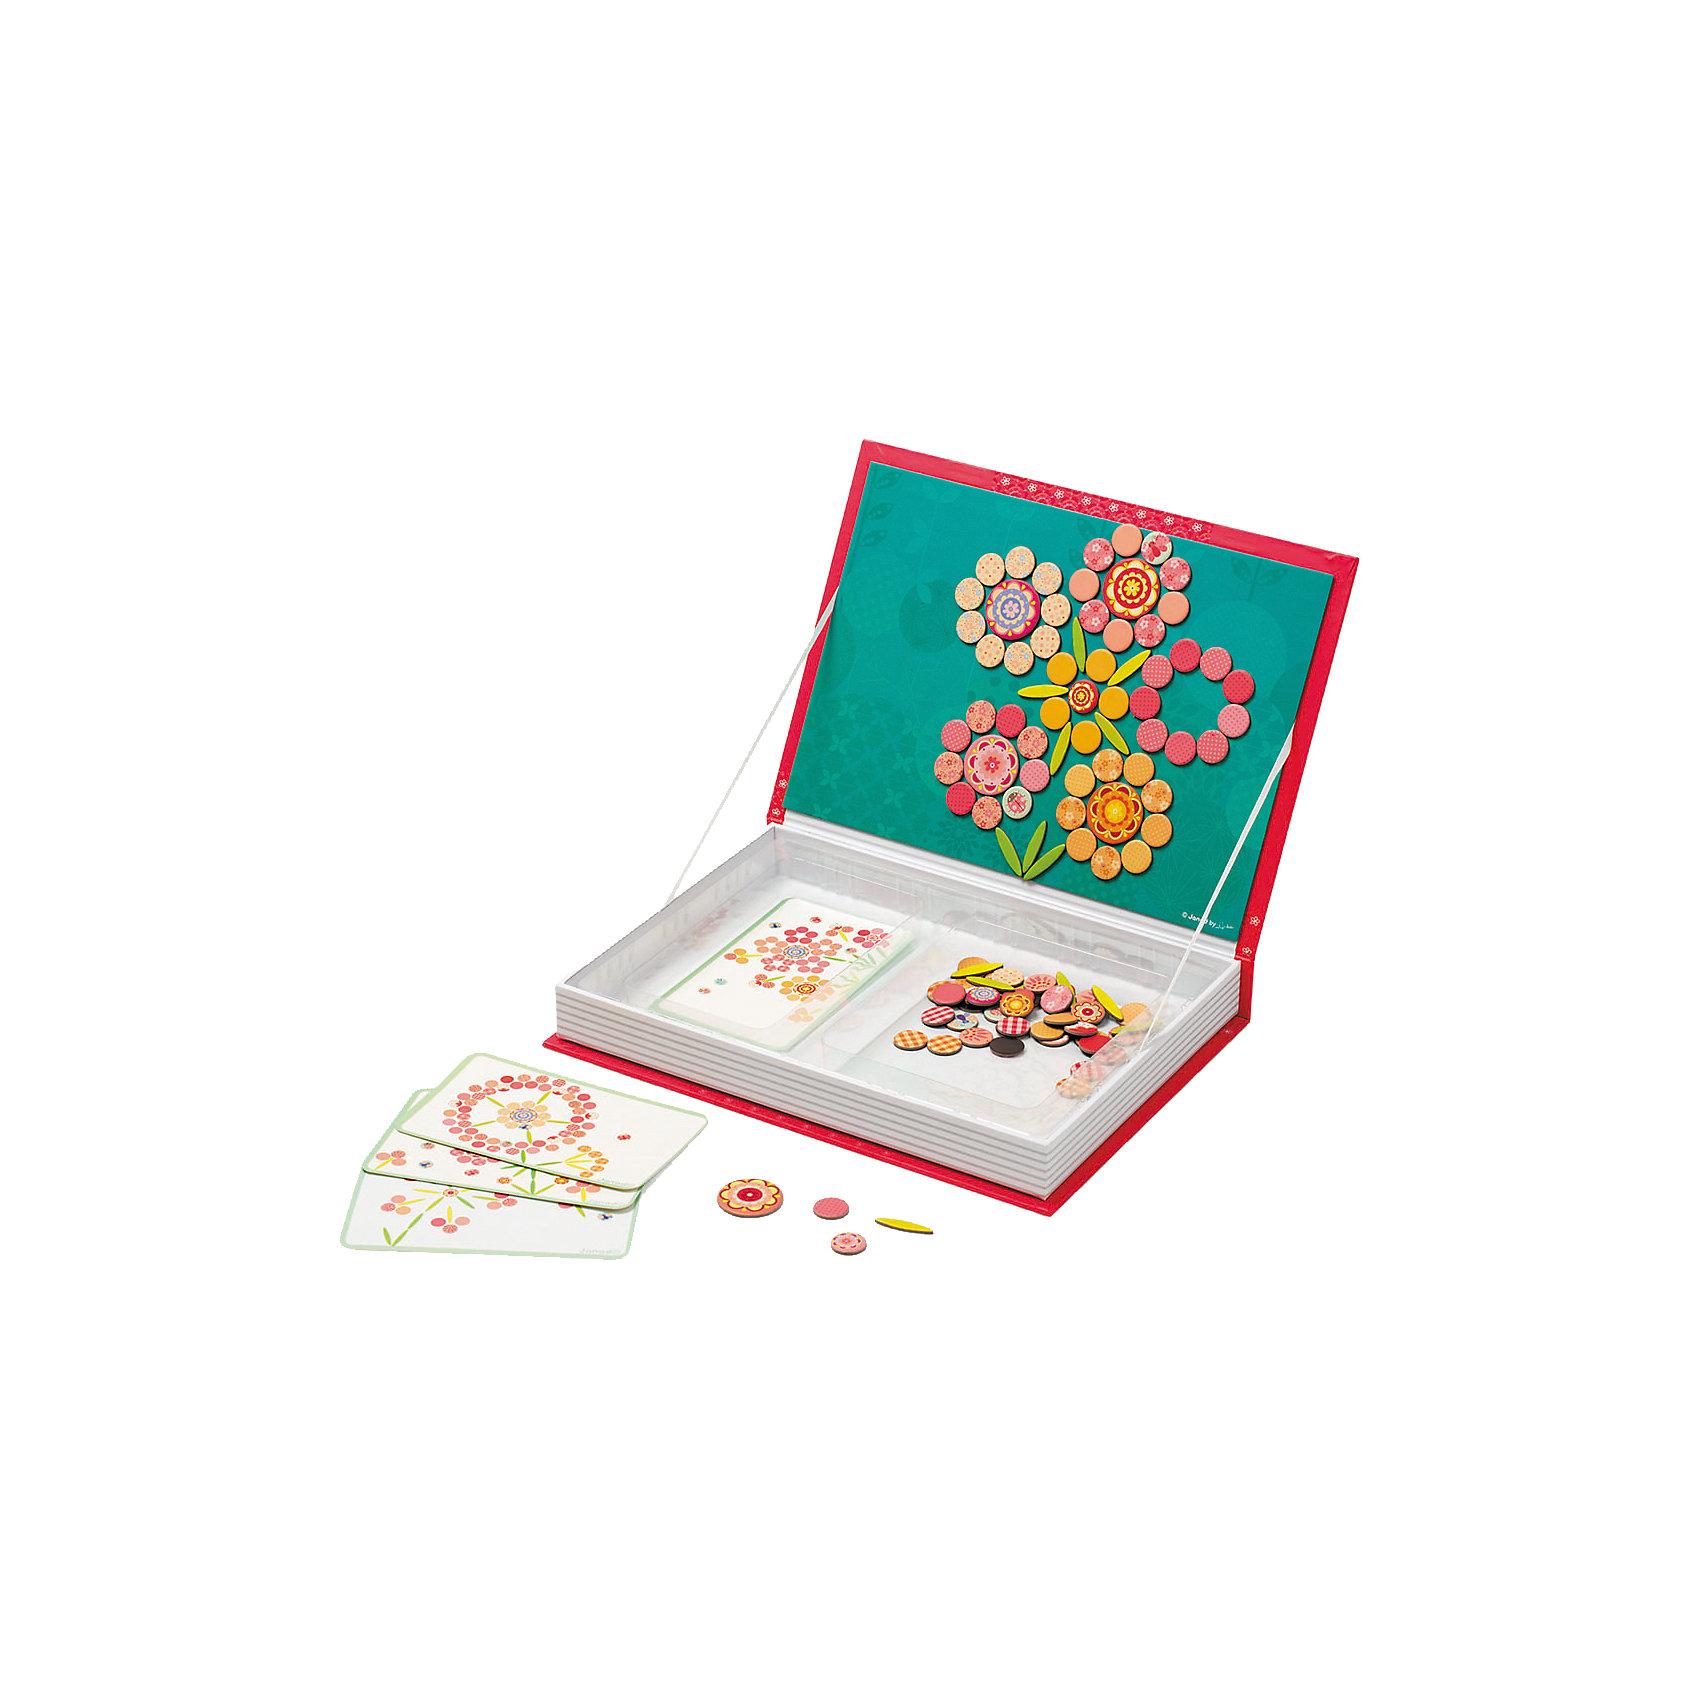 Большая магнитная книга-игра Цветы, JanodСобирать разные изображения из деталей - любимое занятие многих детей.  Магнитные фигурки - отличный способ развивать творческие способности ребенка в игровой форме. Эта игра очень удобна - ее можно брать с собой в дорогу, благодаря продуманной форме хранится она очень компактно. Она развивает также мелкую моторику, художественный вкус, воображение, логическое мышление, цветовосприятие. Такая игра надолго занимает детей и помогает увлекательно провести время!<br>Игра из магнитных деталей Цветы сделана в виде книги, но внутри ее содержатся магниты разных форм и расцветок, из которых можно создать огромное количество ярких цветов. Игра разработана опытными специалистами, сделана из высококачественных материалов, безопасных для детей.<br><br>Дополнительная информация:<br><br>материал: картон;<br>размер: 30 х 21,5 х 4 см;<br>комплектация: книга-коробка с магнитной застежкой, 113 магнитов, 5 карточек.<br><br>Магнитную книгу-игру Цветы от компании Janod можно купить в нашем магазине.<br><br>Ширина мм: 302<br>Глубина мм: 218<br>Высота мм: 43<br>Вес г: 780<br>Возраст от месяцев: 36<br>Возраст до месяцев: 72<br>Пол: Женский<br>Возраст: Детский<br>SKU: 4171223